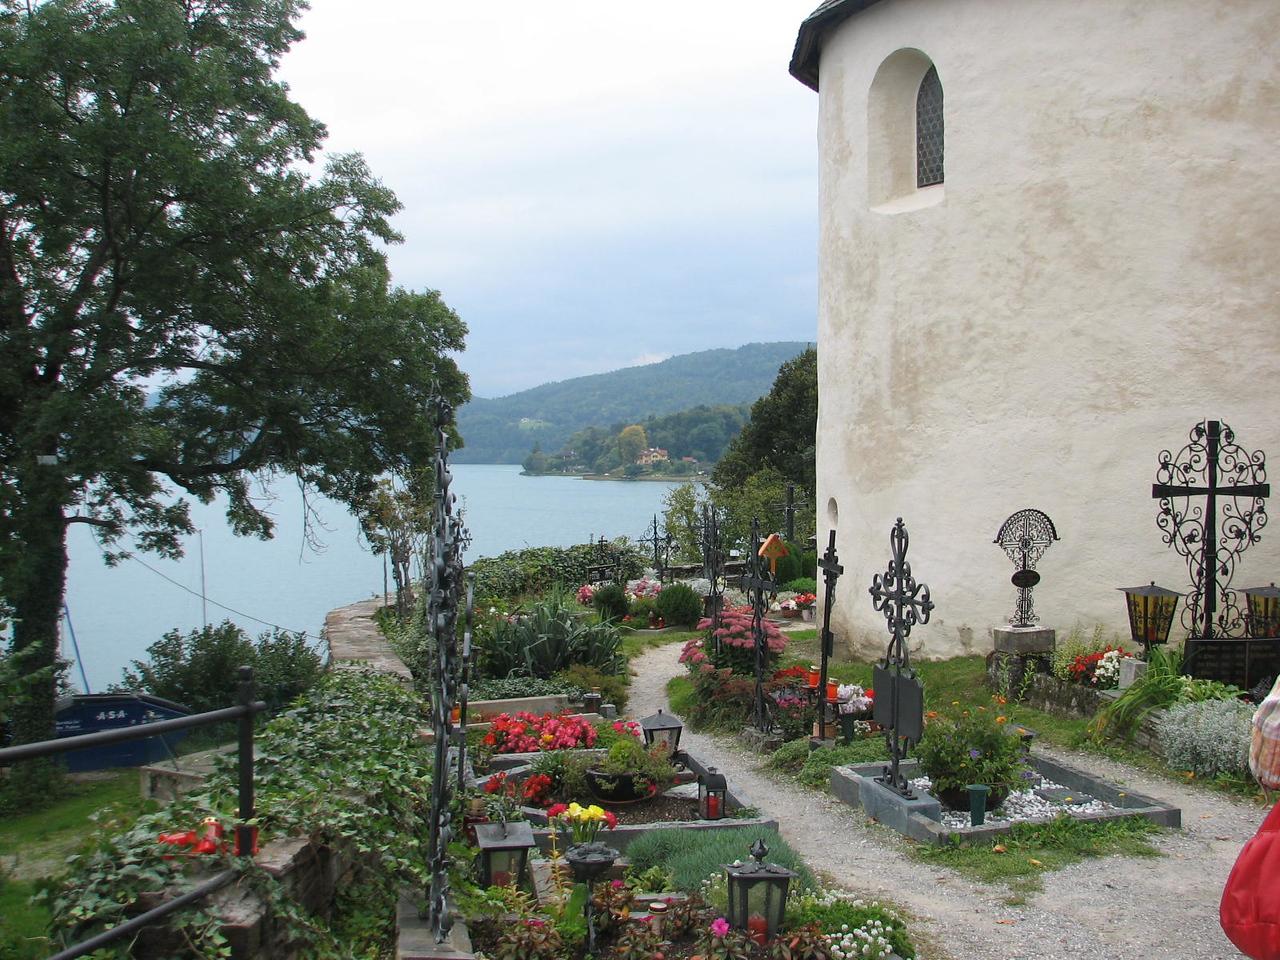 Church & graveyard, town of Maria Worth